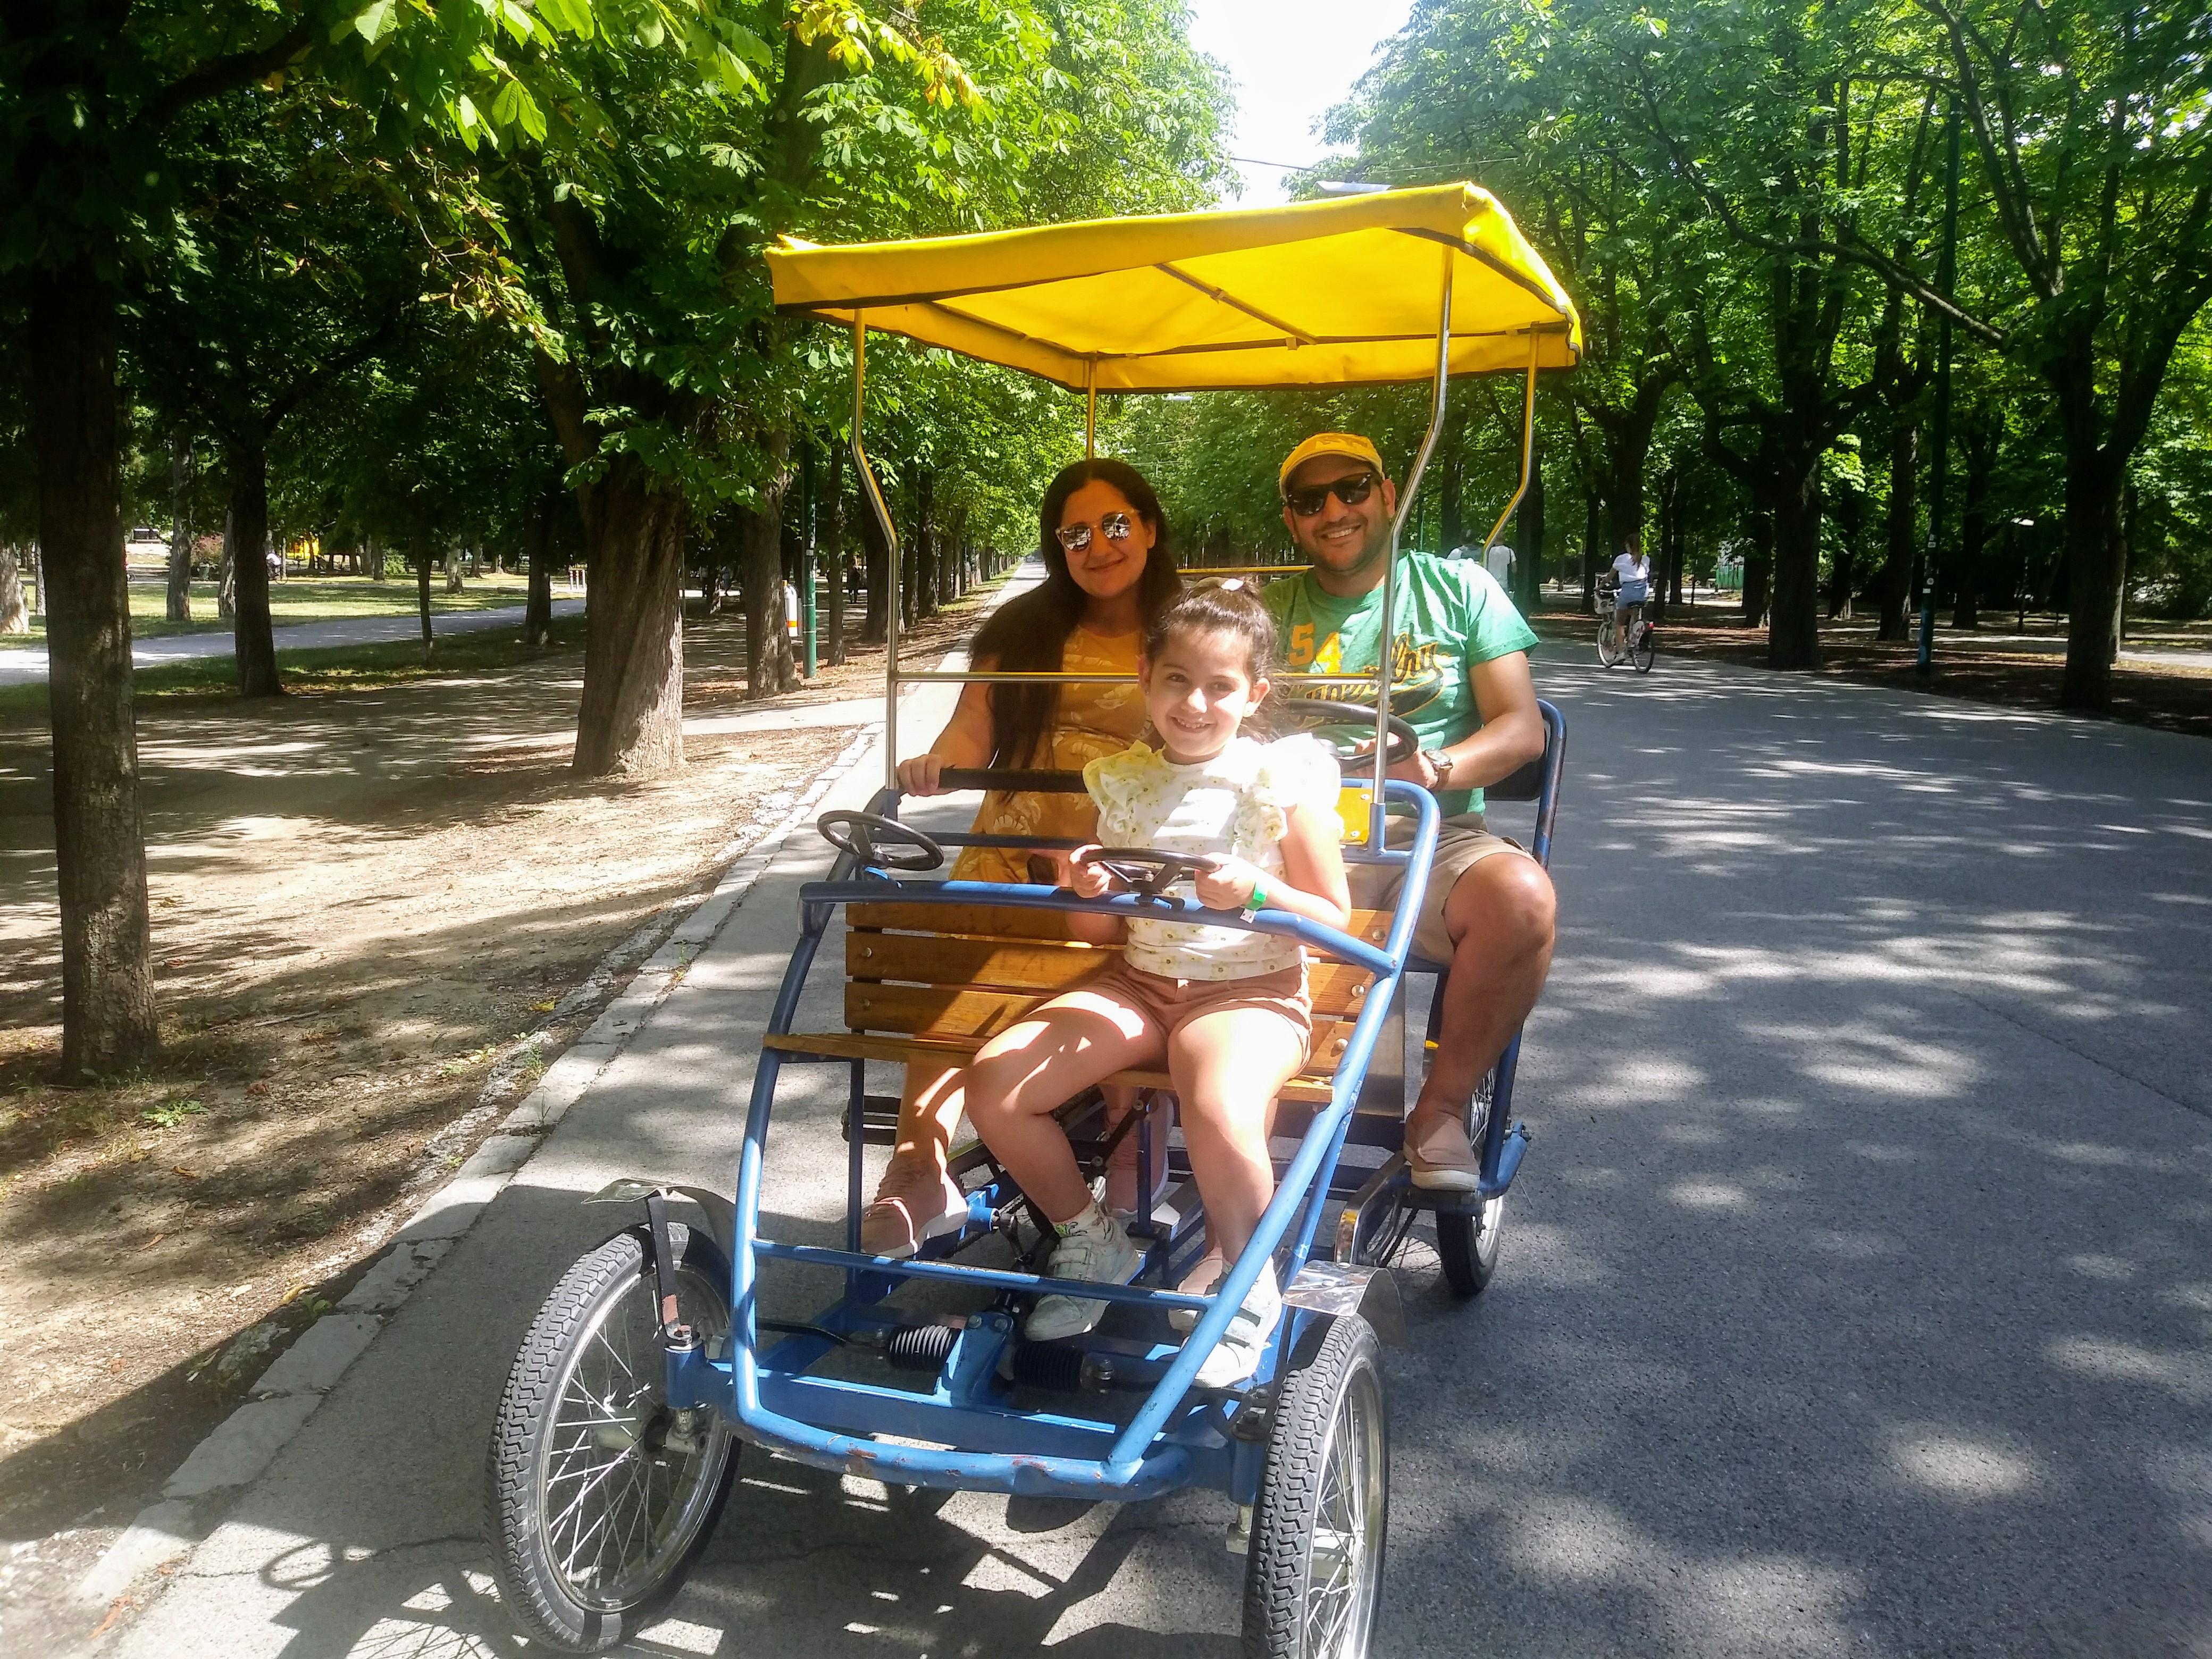 Nemin, Emud und Era Estase leben in Ägypten und besuchen während Ihres Urlaubs in Wien auch den Prater